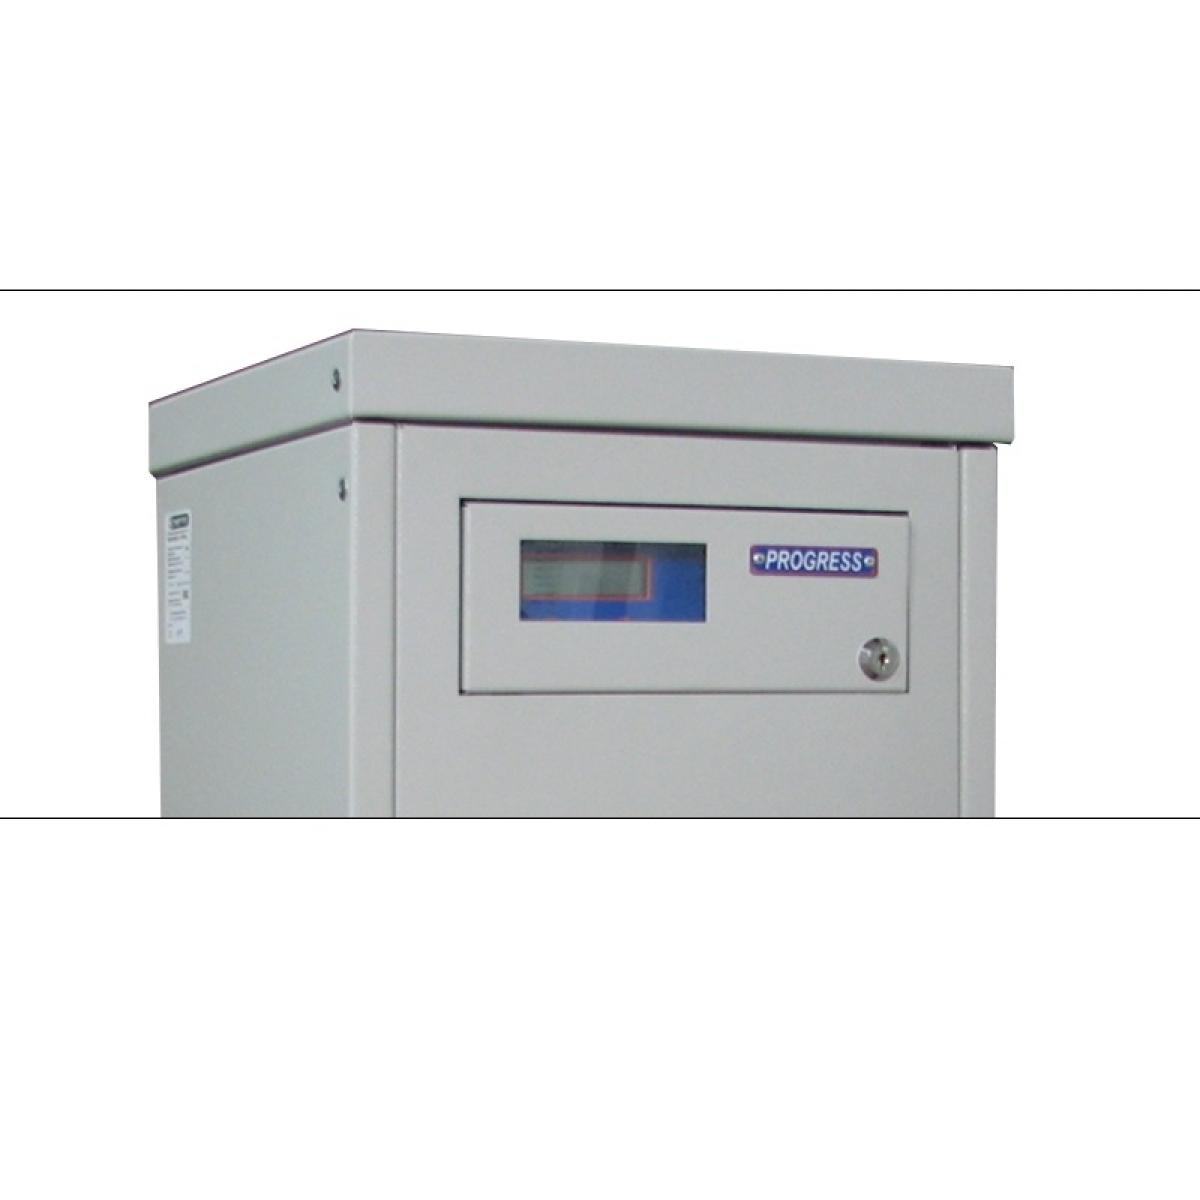 Однофазный стабилизатор PROGRESS 15000T, дисплей